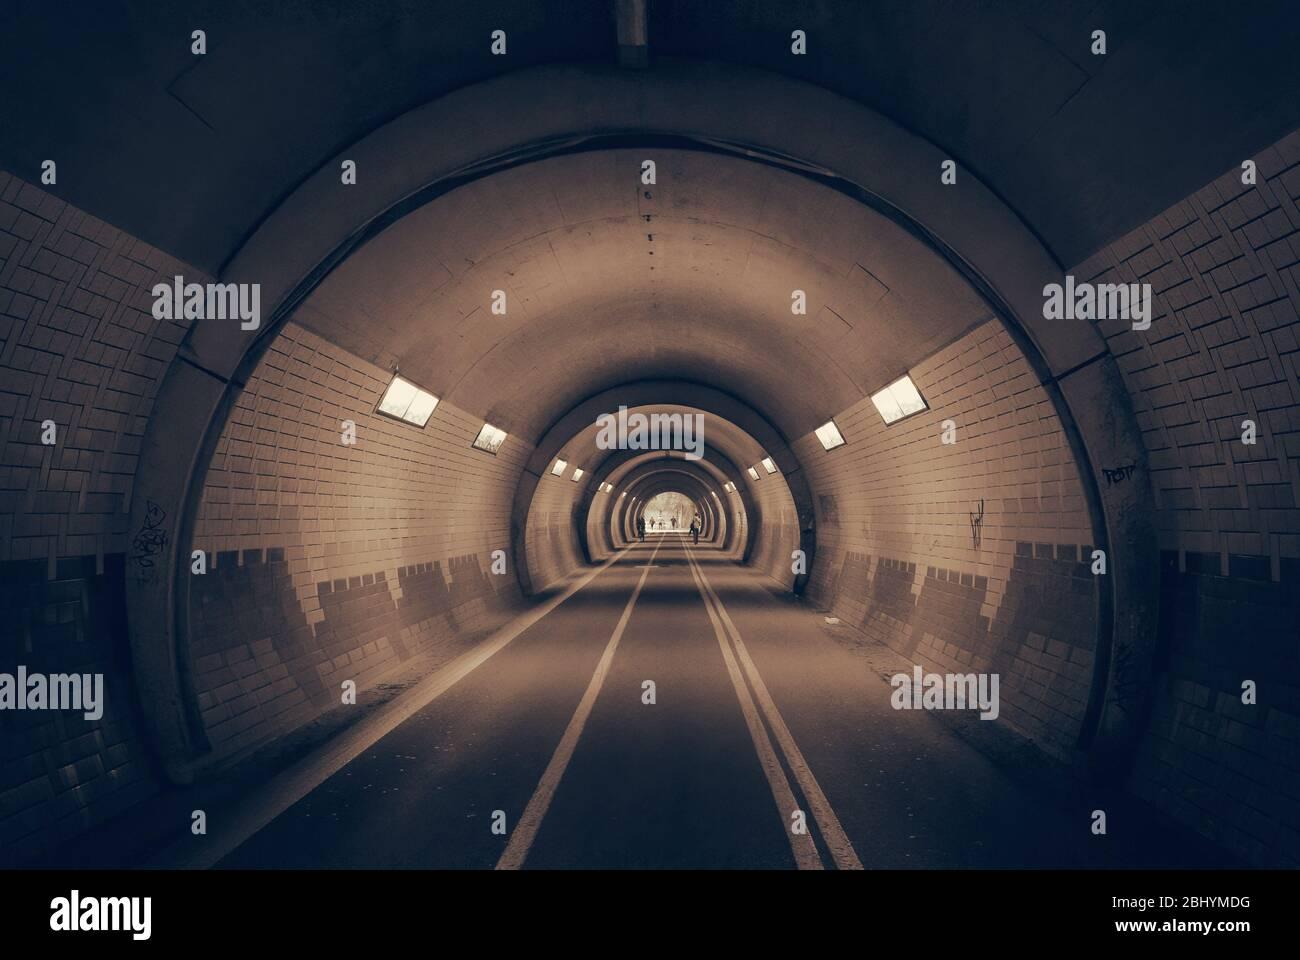 Es gibt ein Licht im Tunnel. Stockfoto